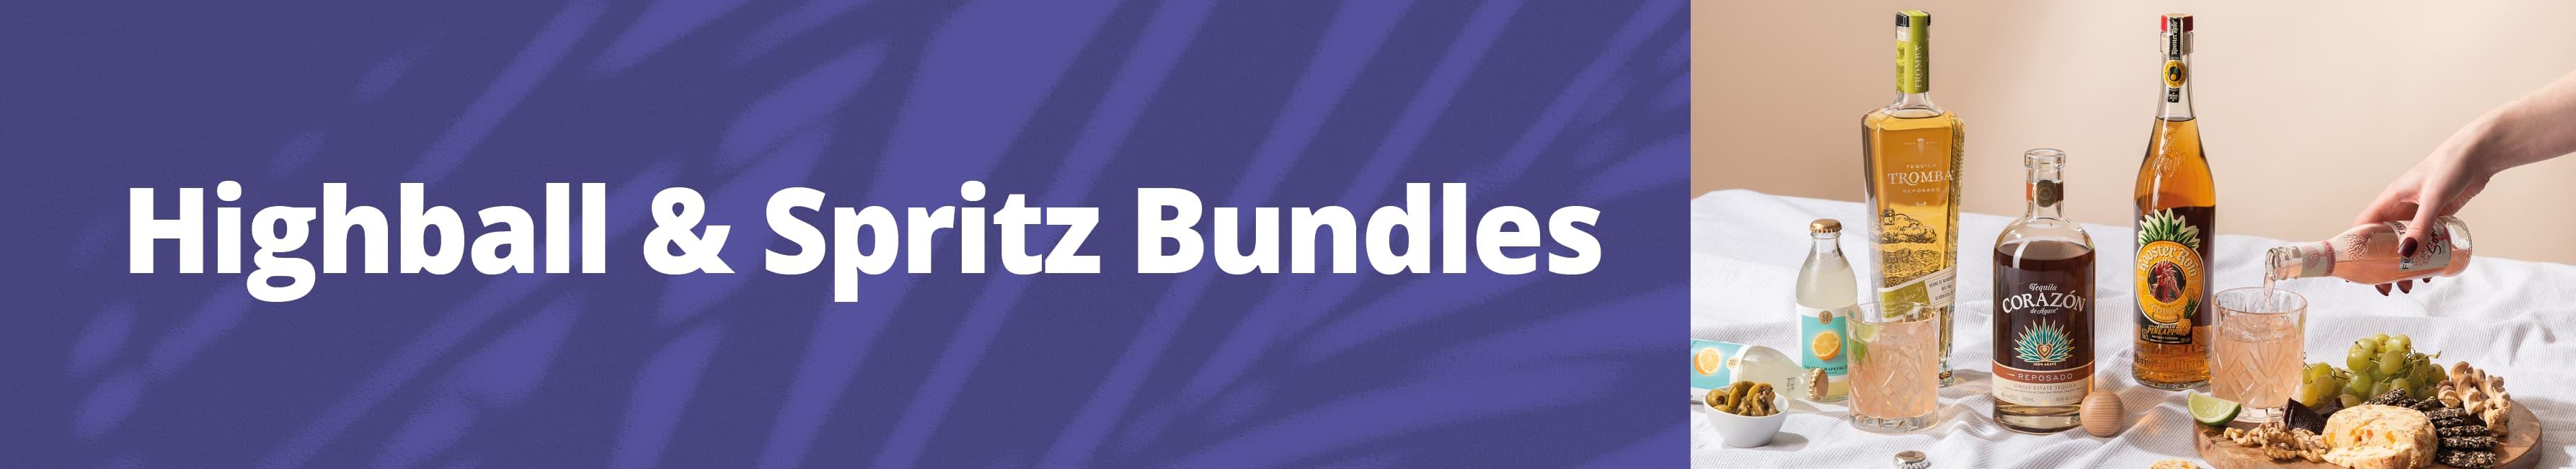 Highballs & Spritz Bundles banner